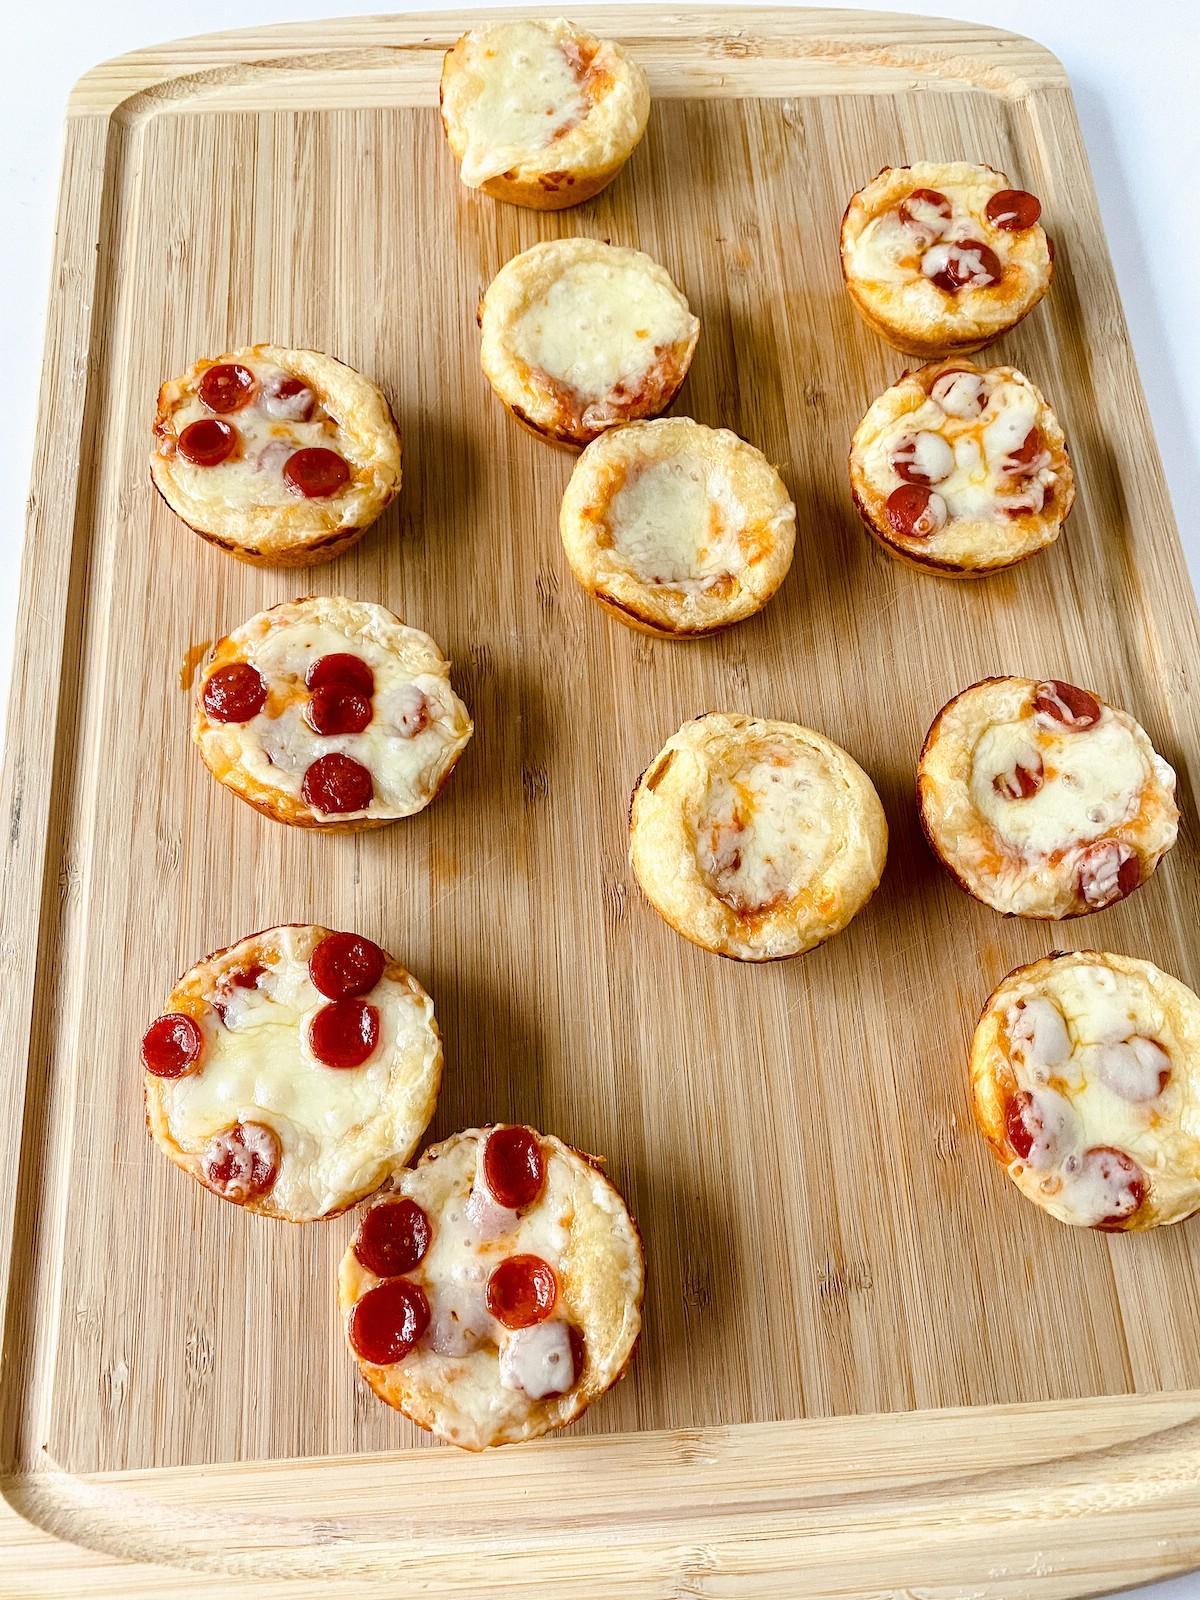 Mini pizzas on cutting board